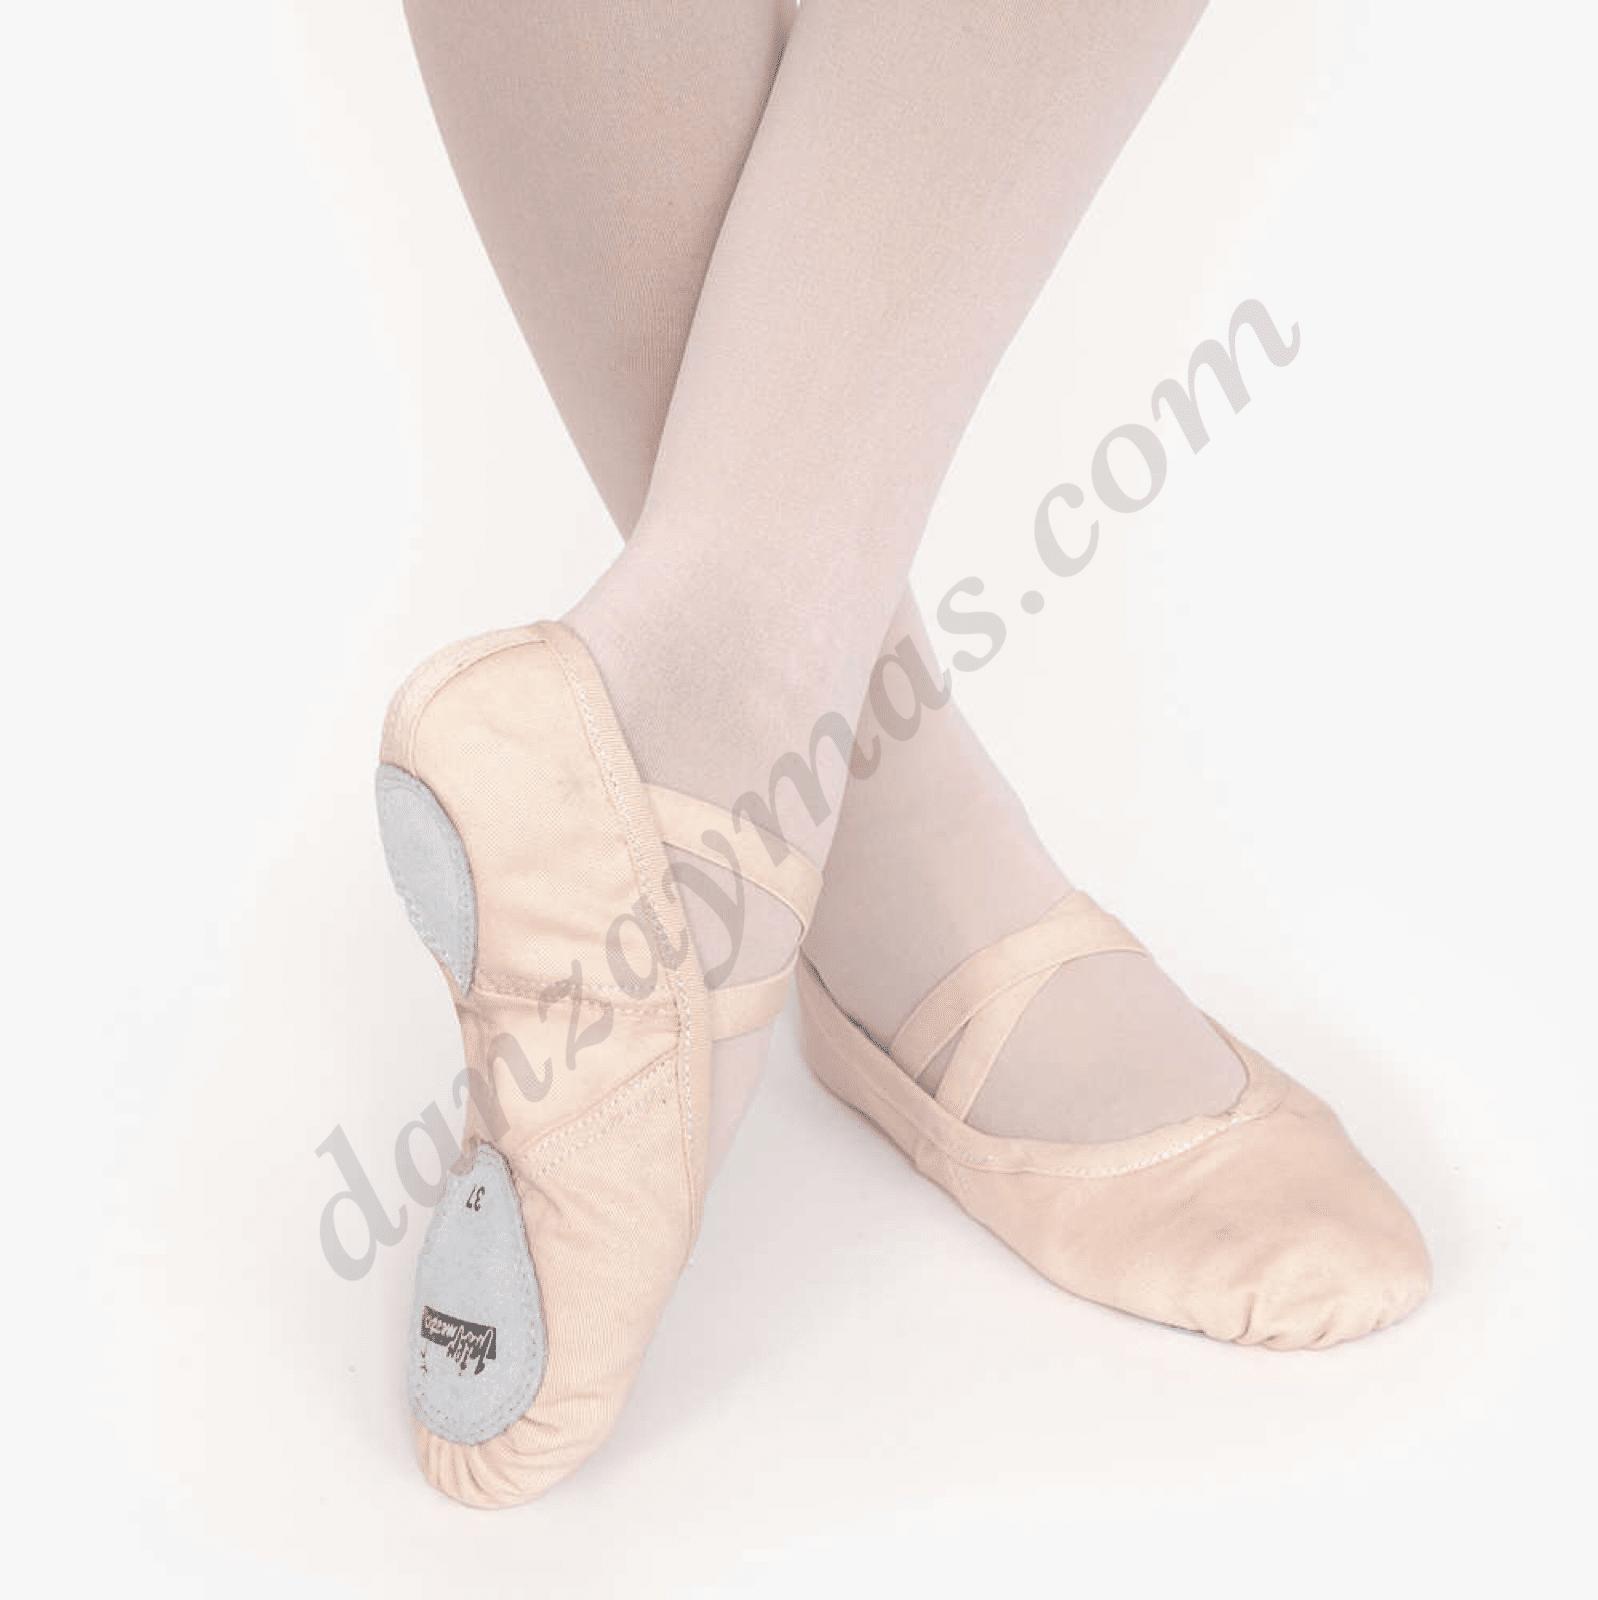 Zapatillas de ballet Intermezzo en tela 7213